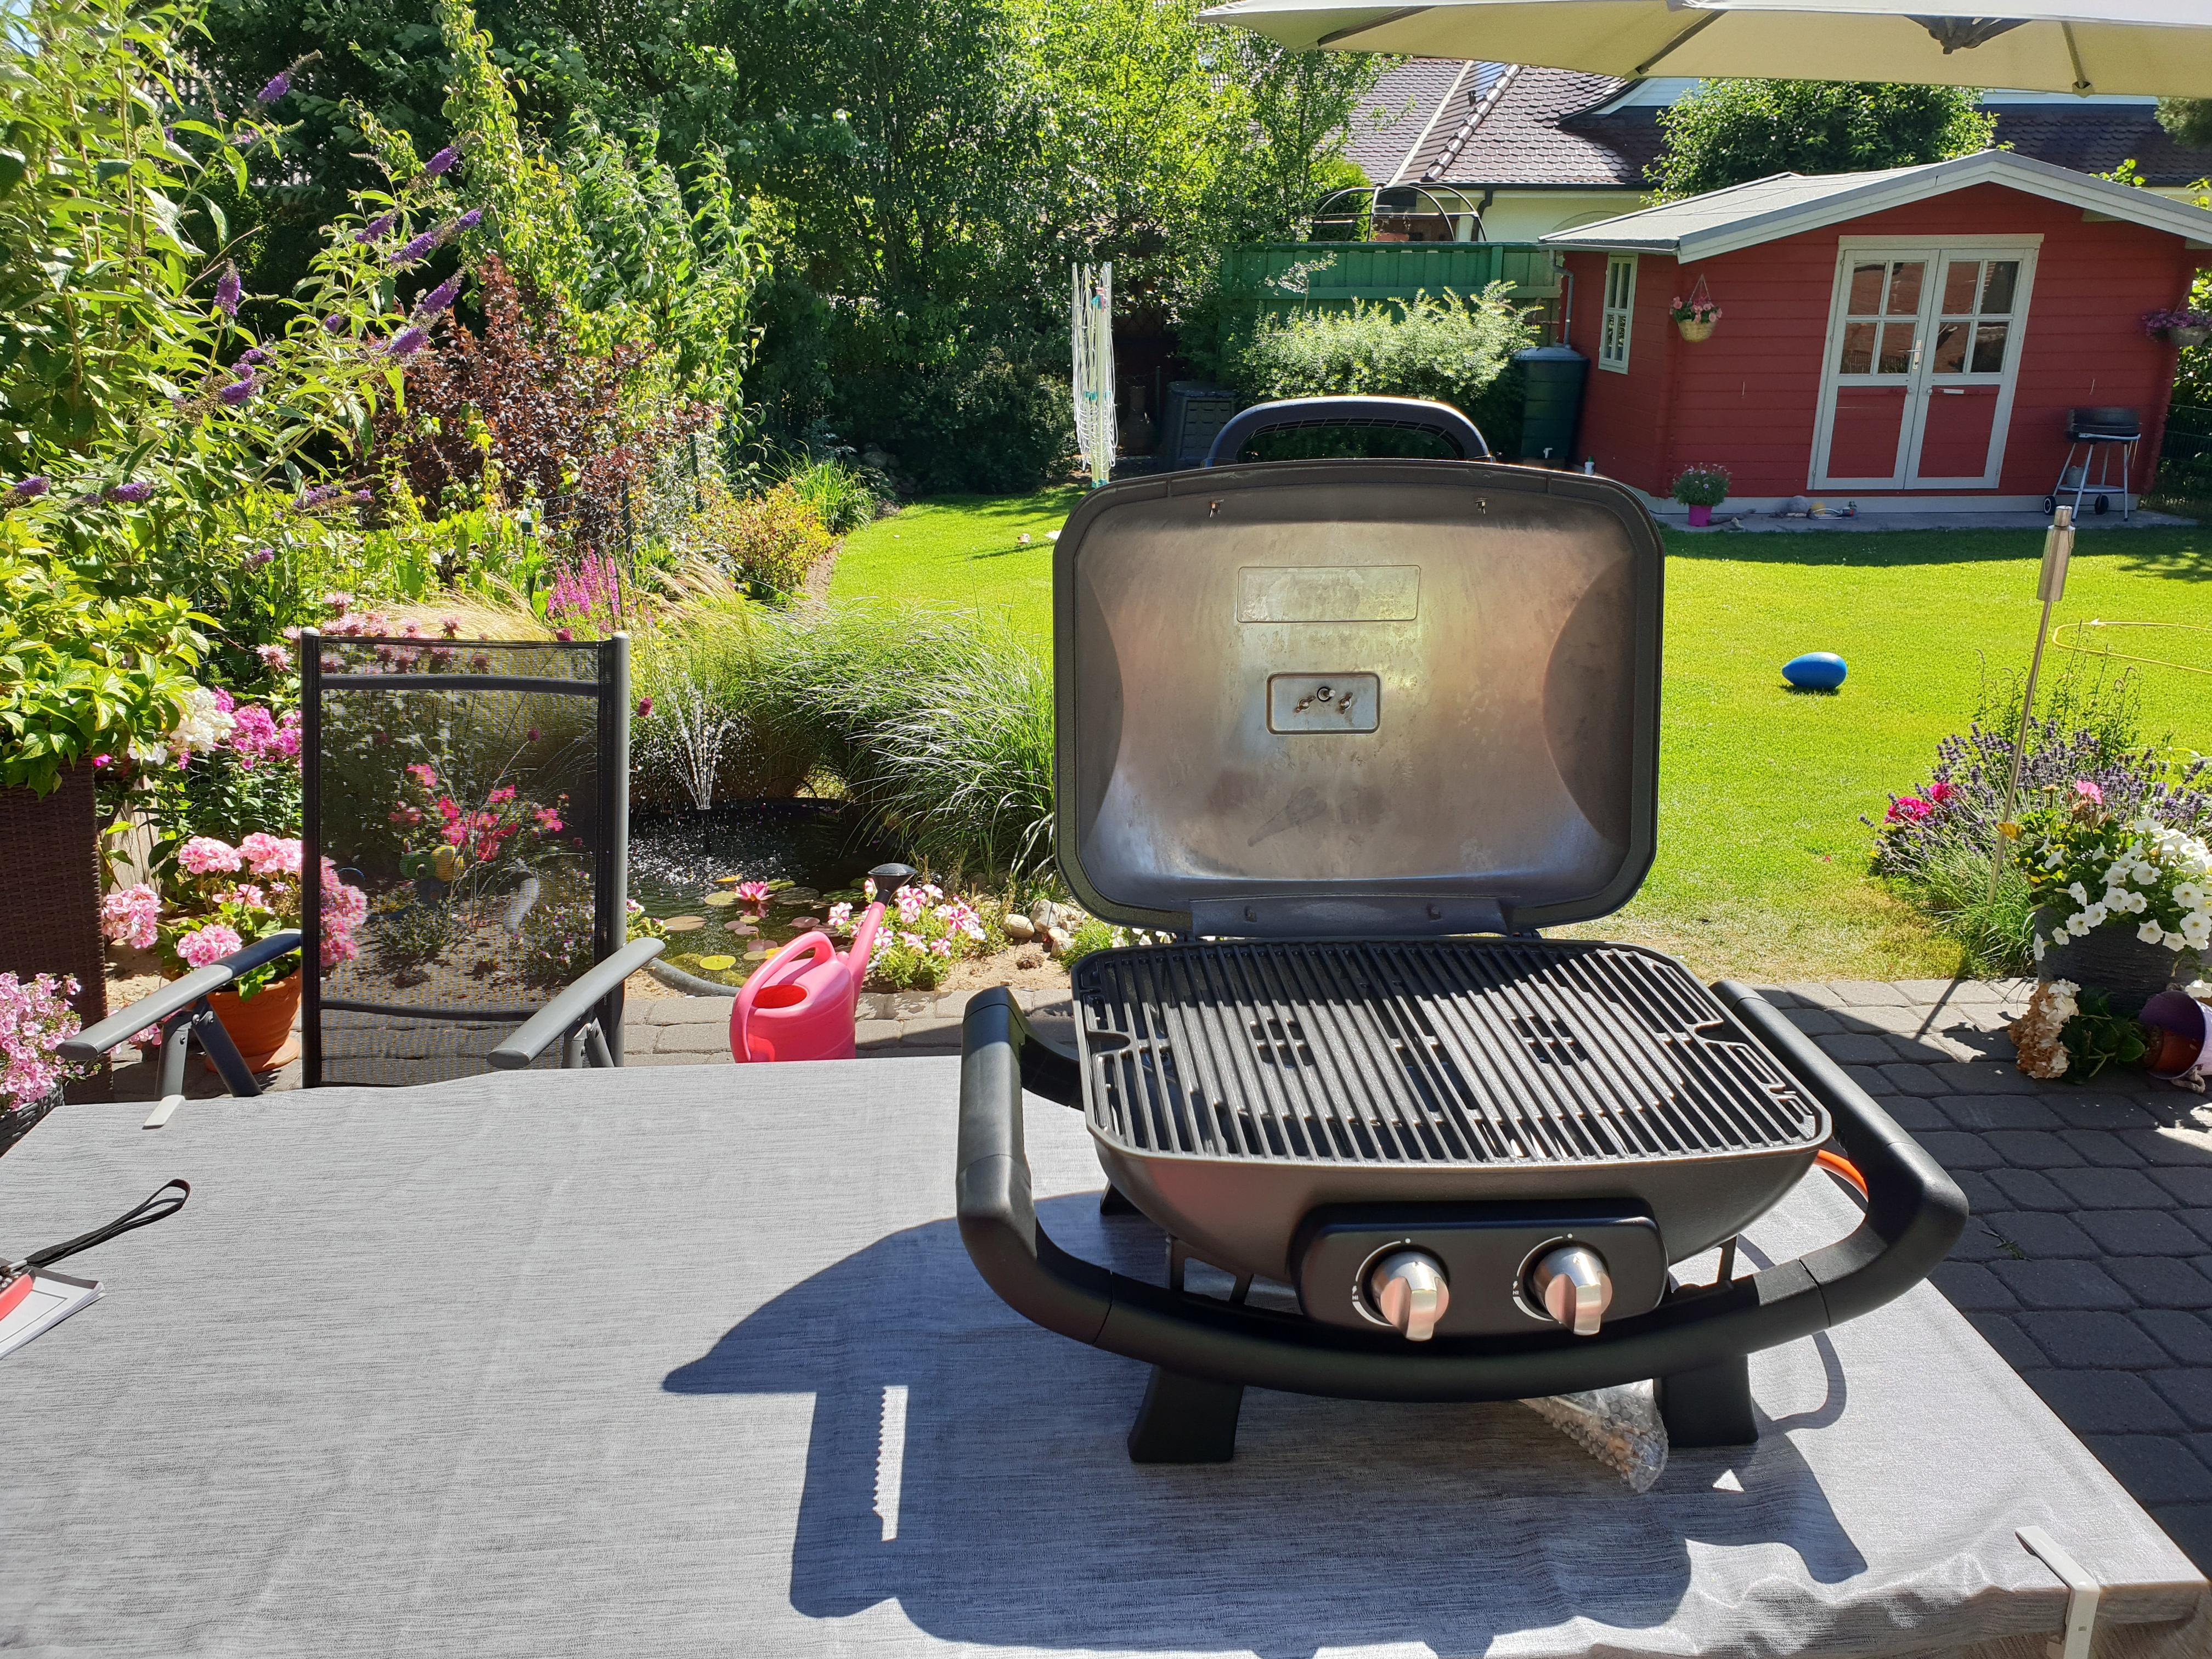 Outdoor Küche Selber Bauen Forum : Outdoor küche bauen grillsportverein schnelle küche hildesheim